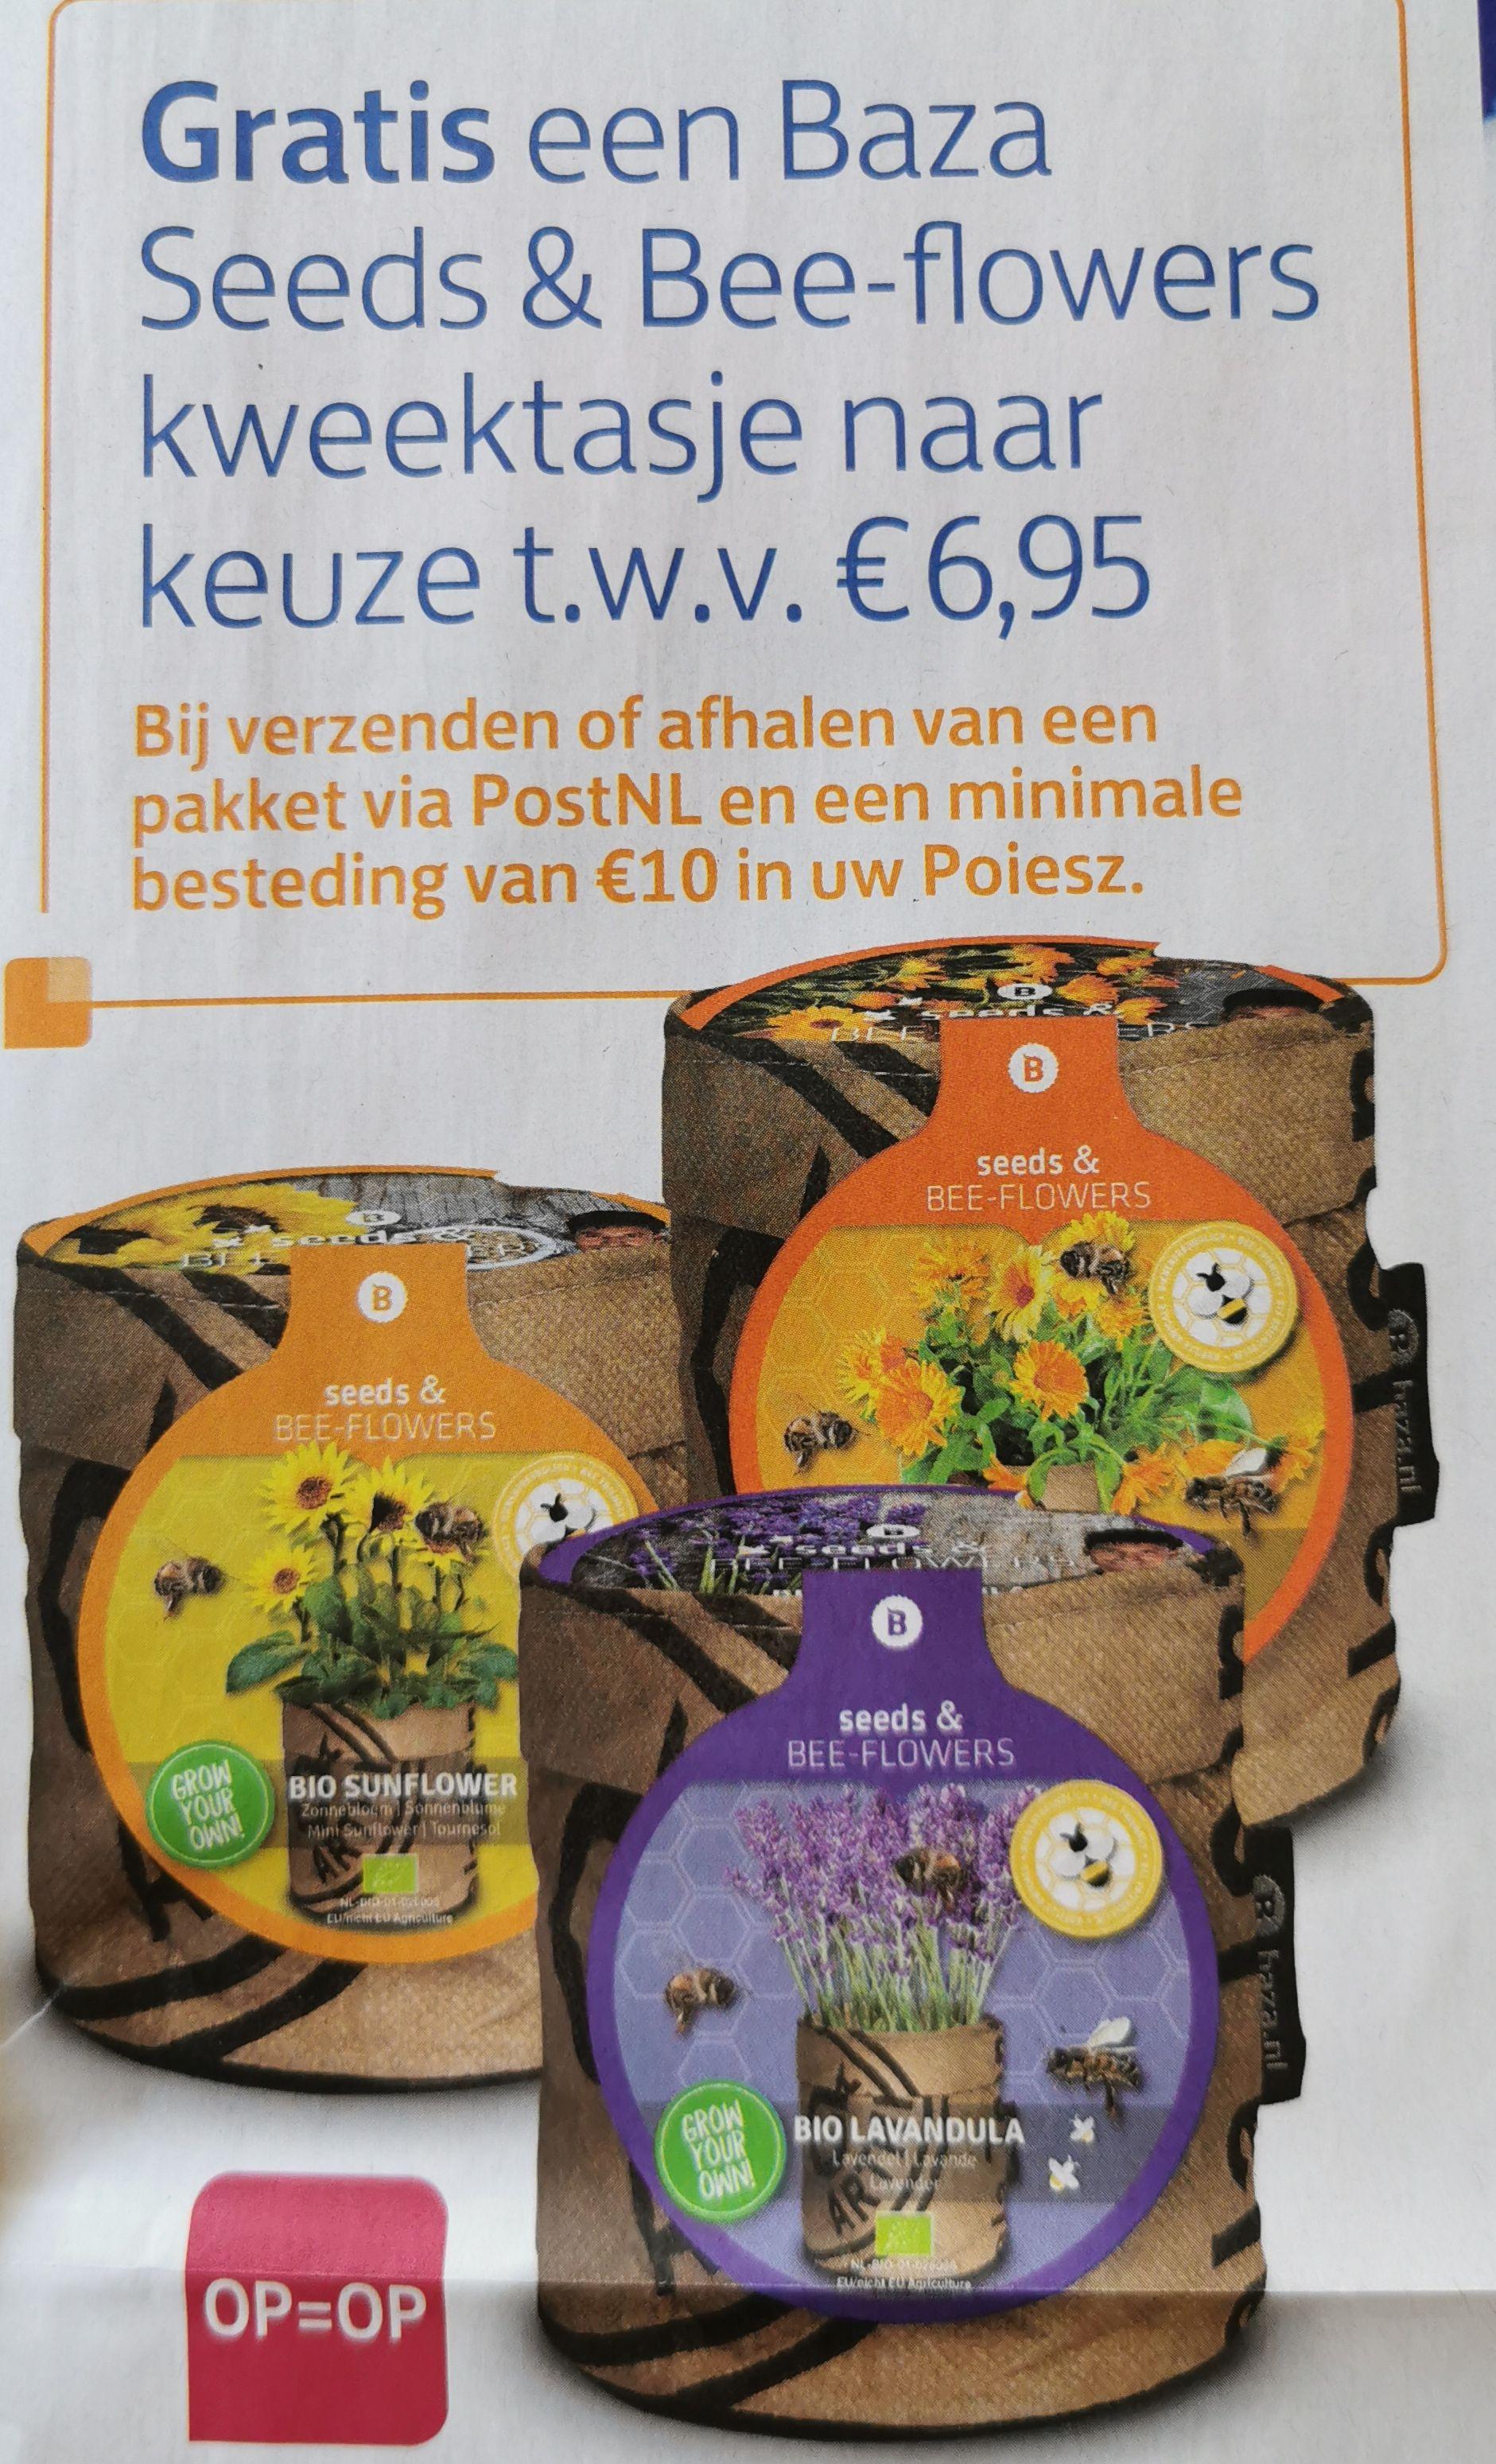 Gratis kweektasje twv € 6,95 bij min. € 10 boodschappen en bij verzenden of ophalen van pakket @ Poiesz